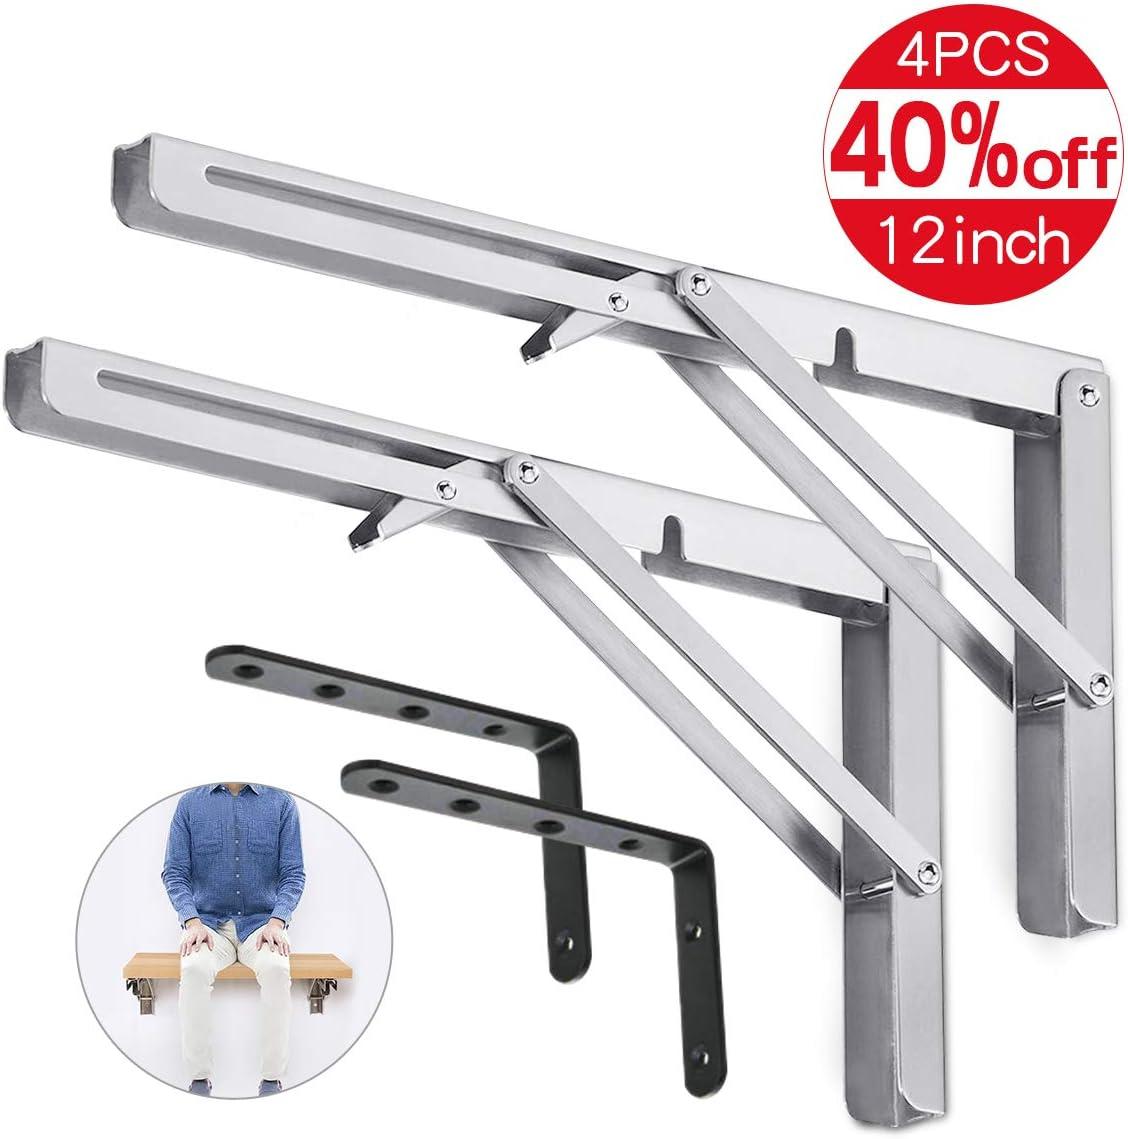 4pcs Wall Mounted Shelf Braces Heavy Duty Shelf Brackets For Table 12 inch